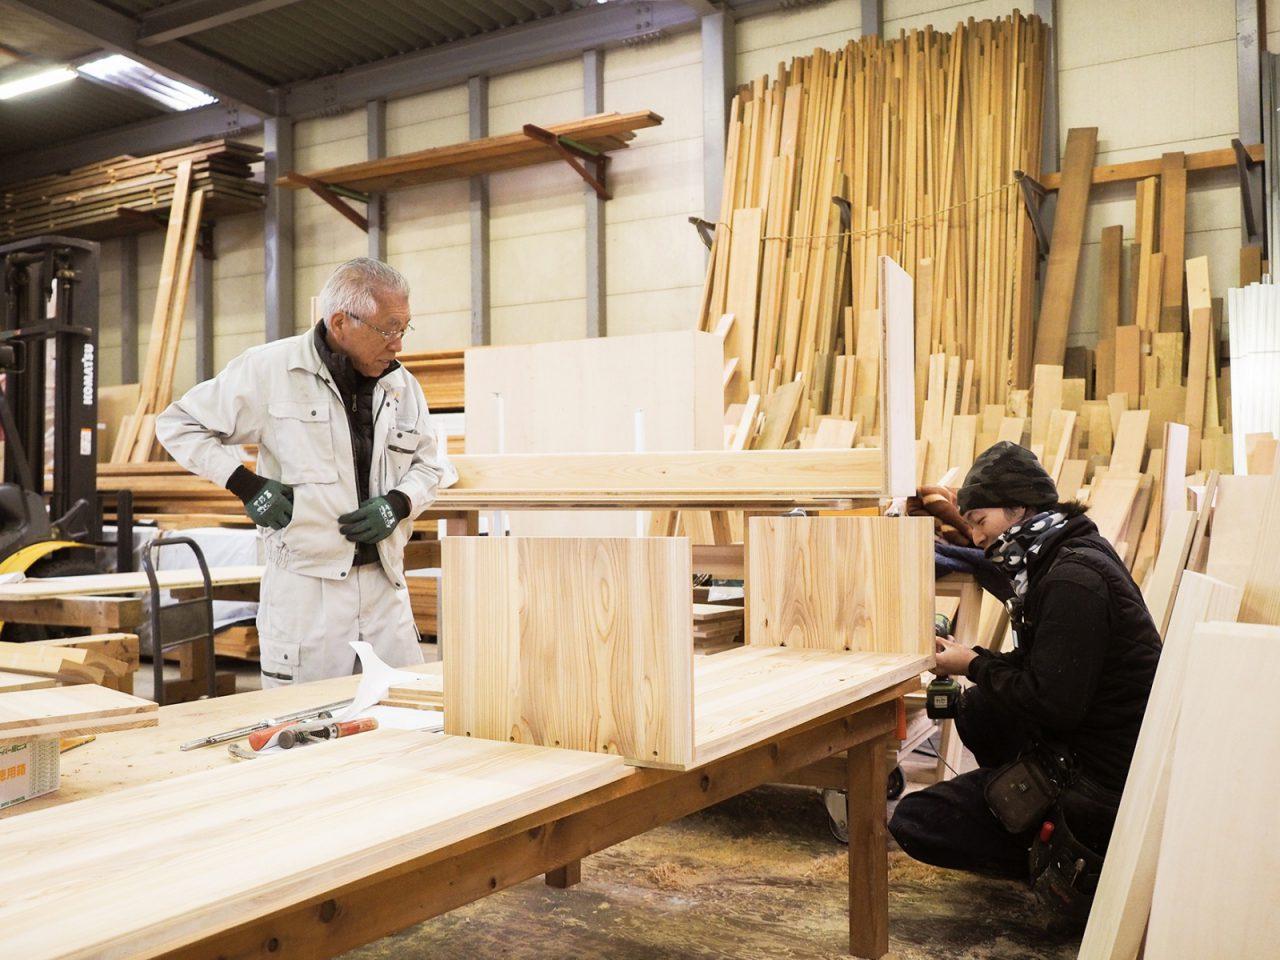 加工場での家具製作の様子